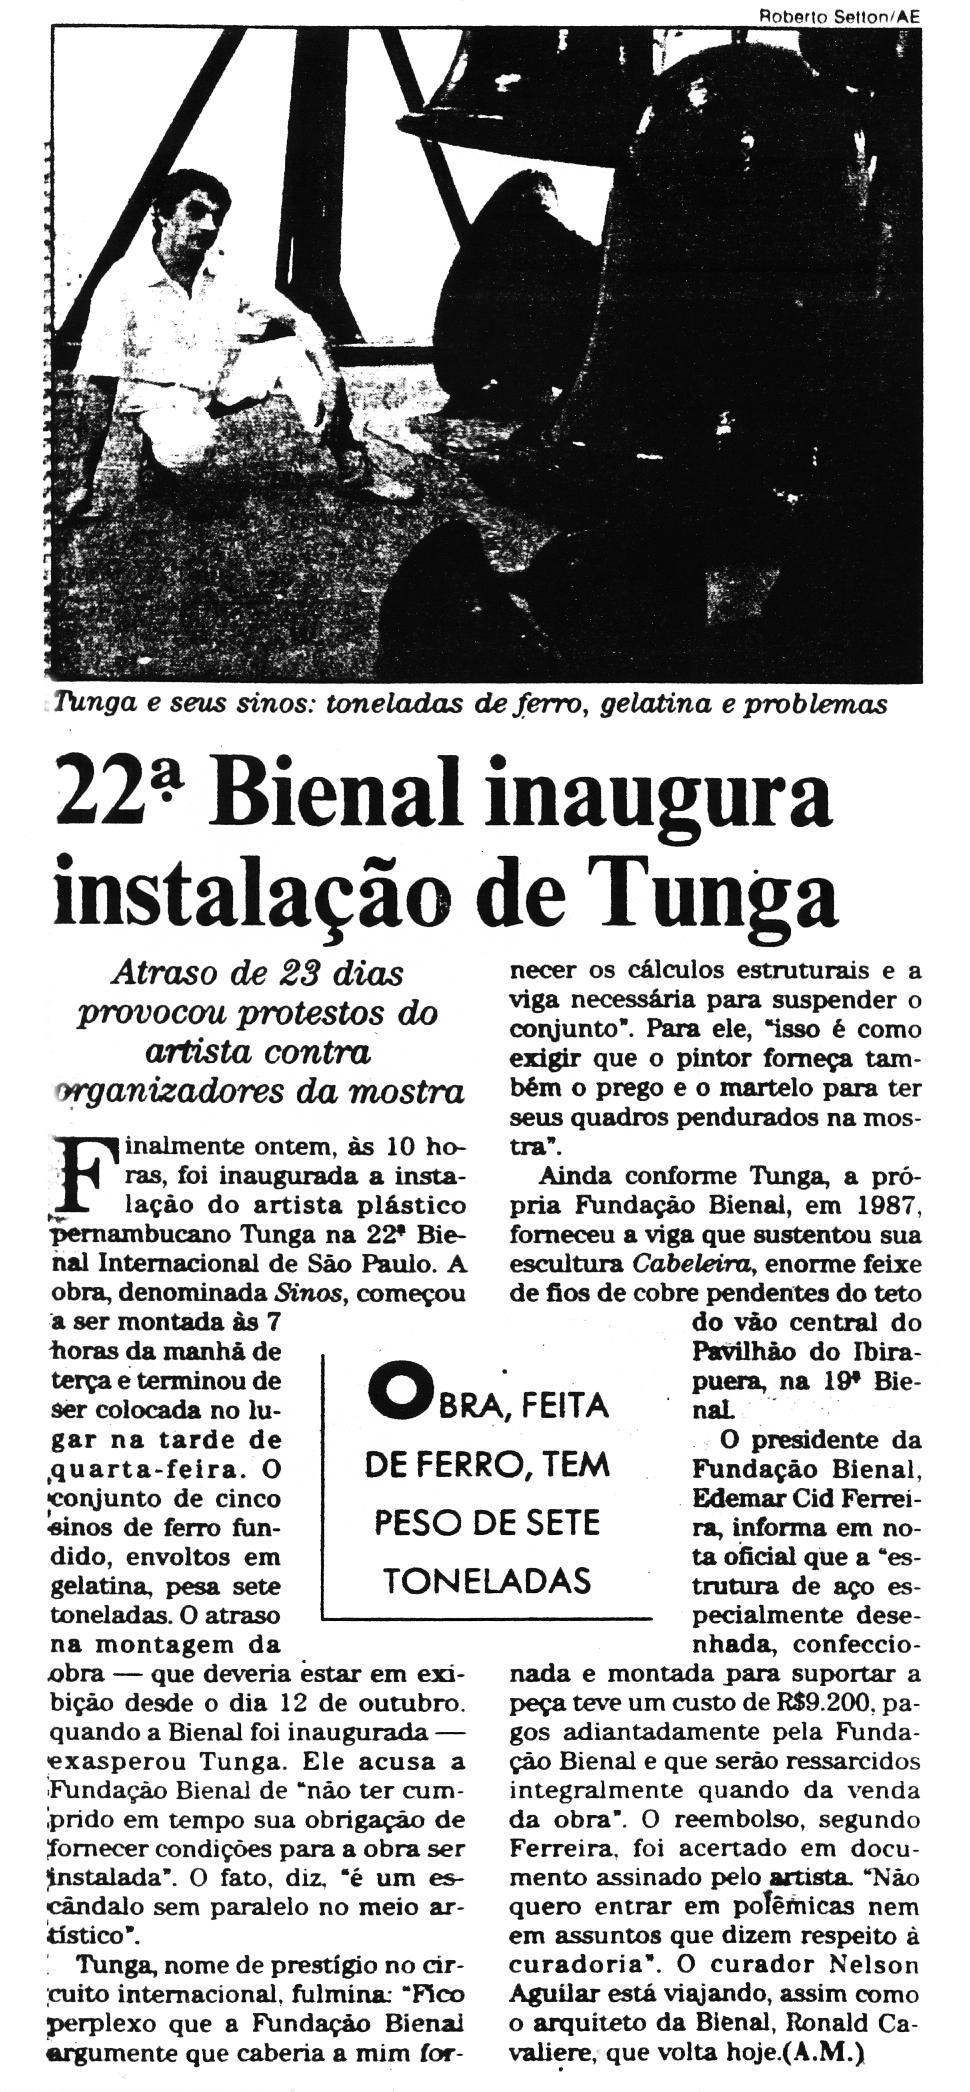 XXII Bienal Internacional de São Paulo